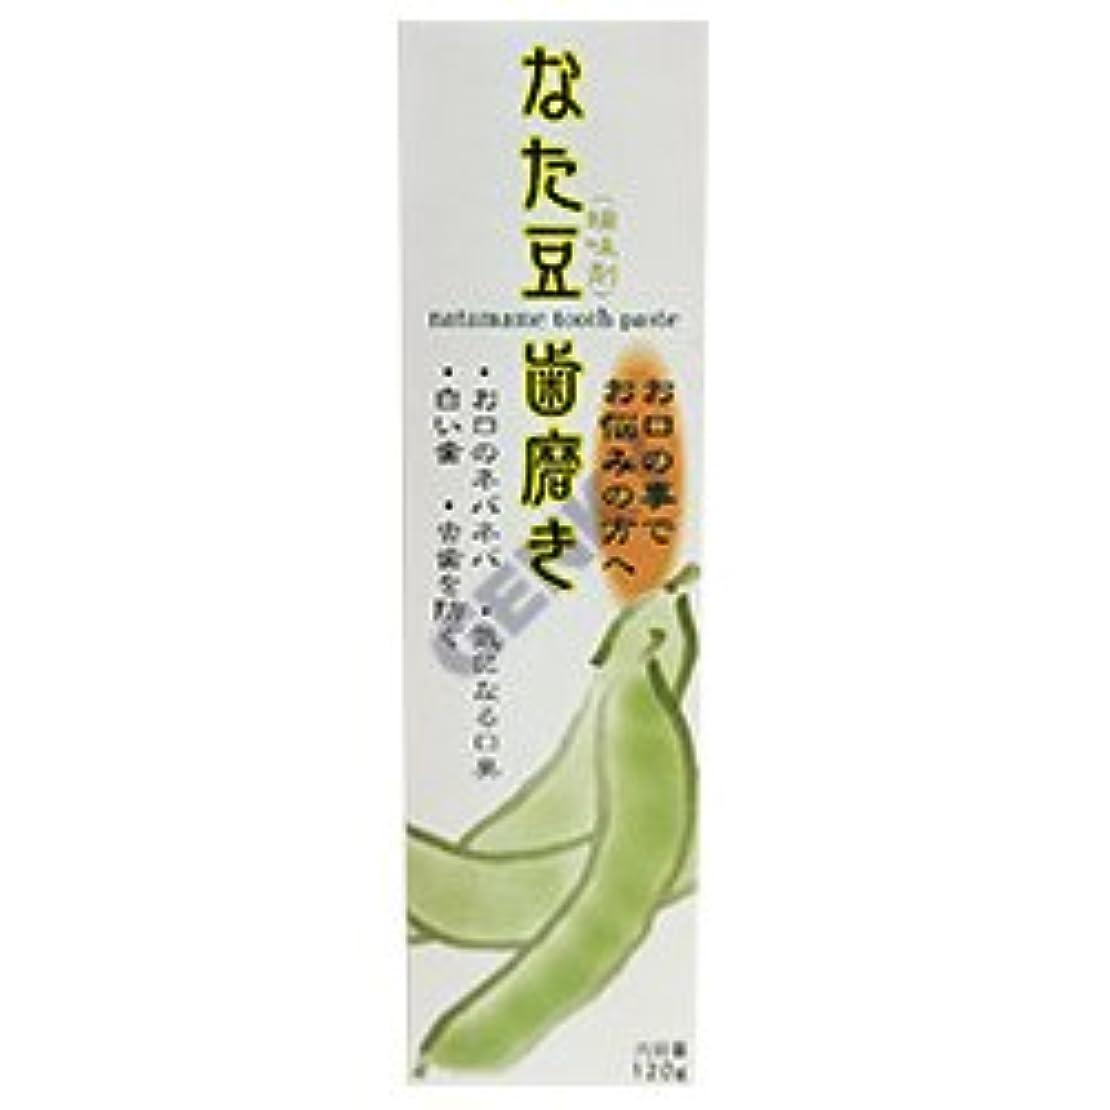 最悪シェルター作家【モルゲンロート】なた豆歯磨き 120g ×20個セット